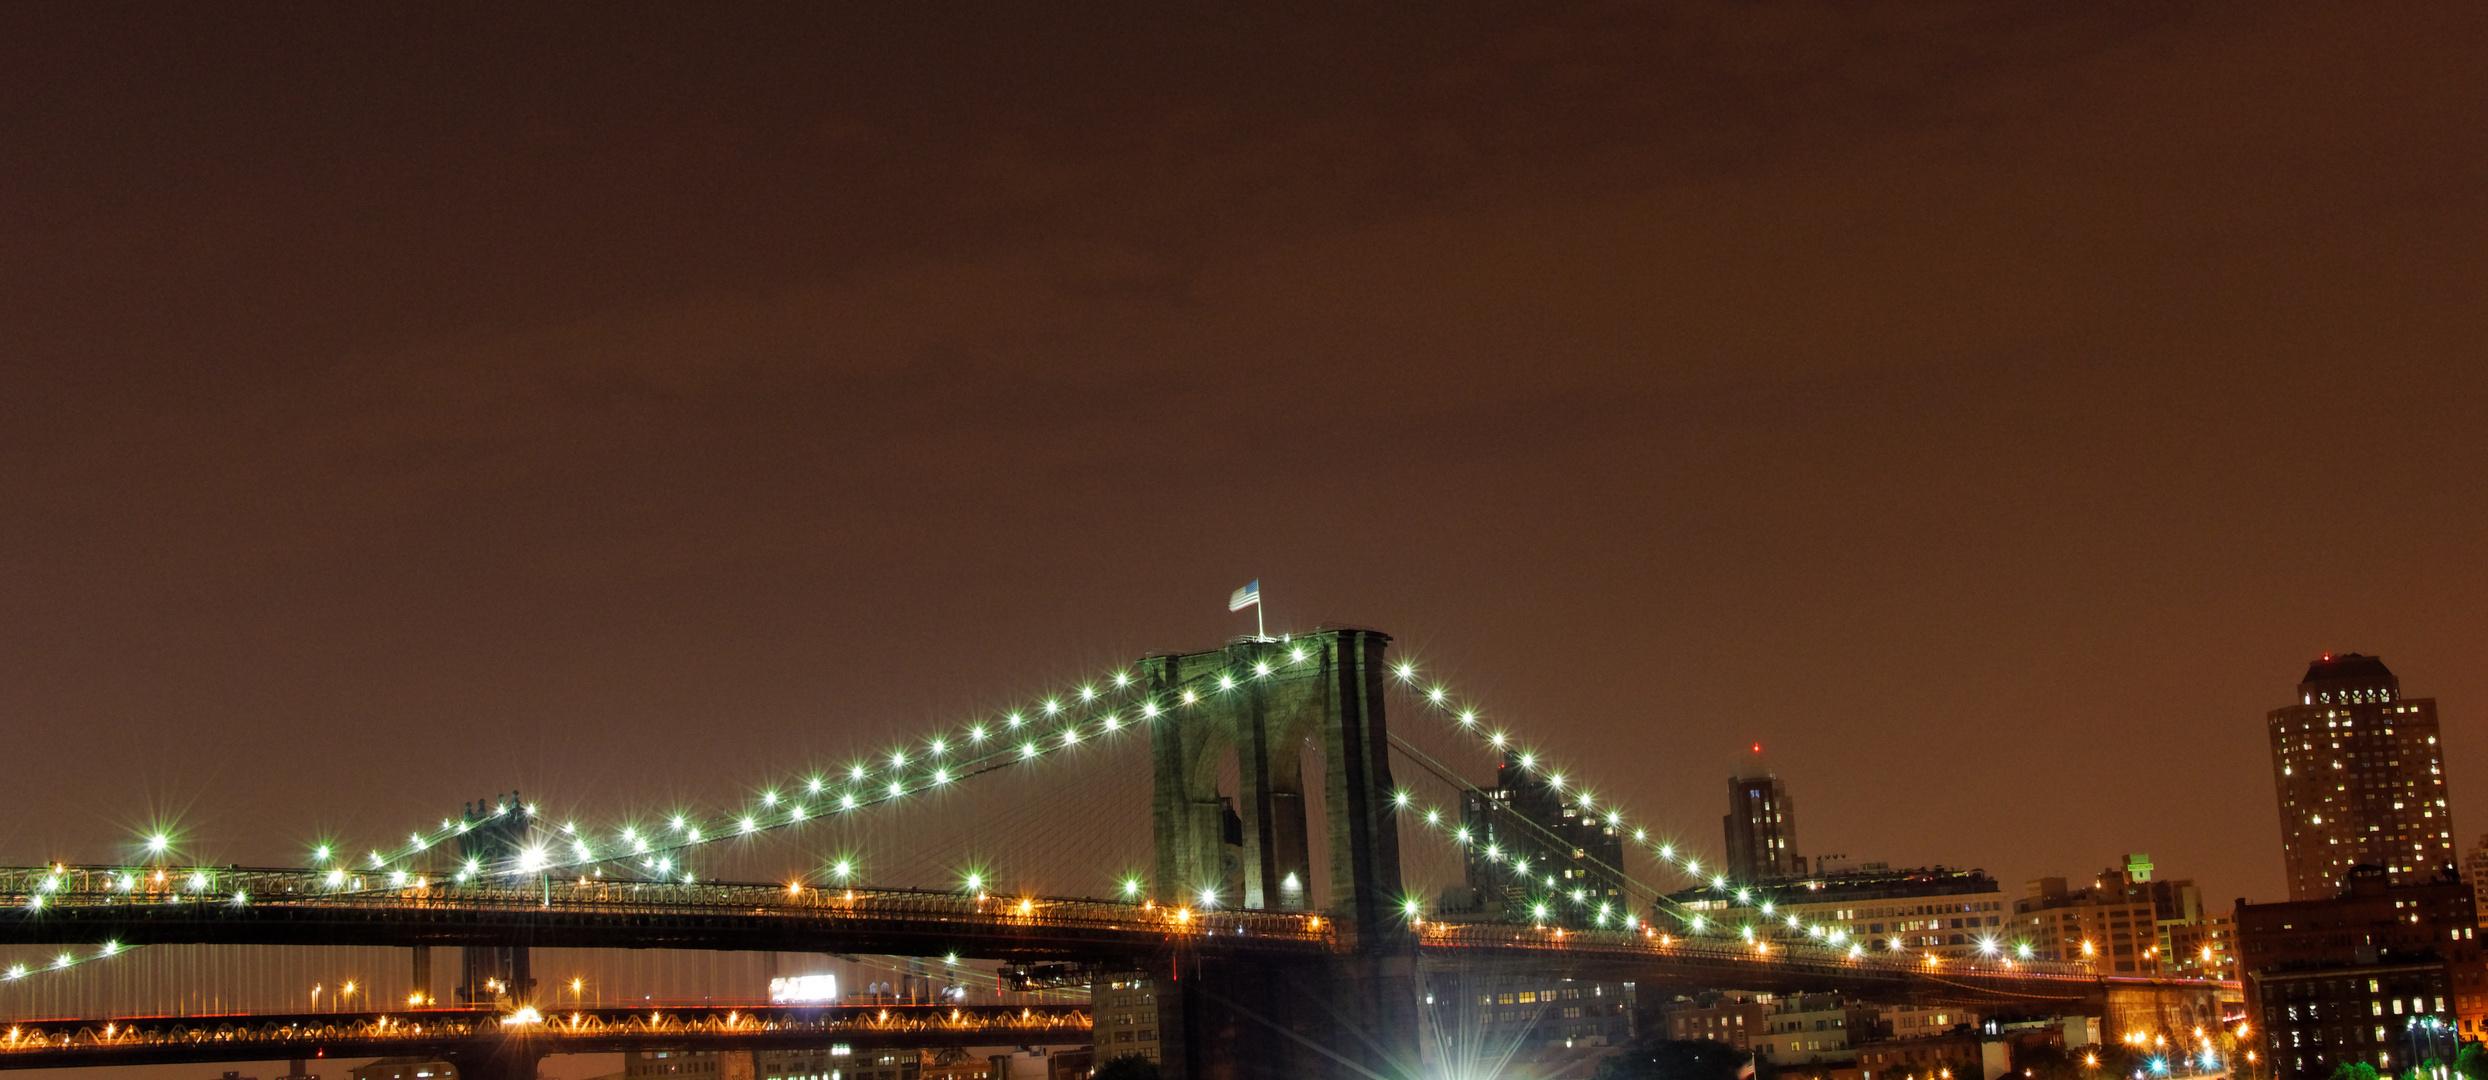 Sehnsuchtsbrücke